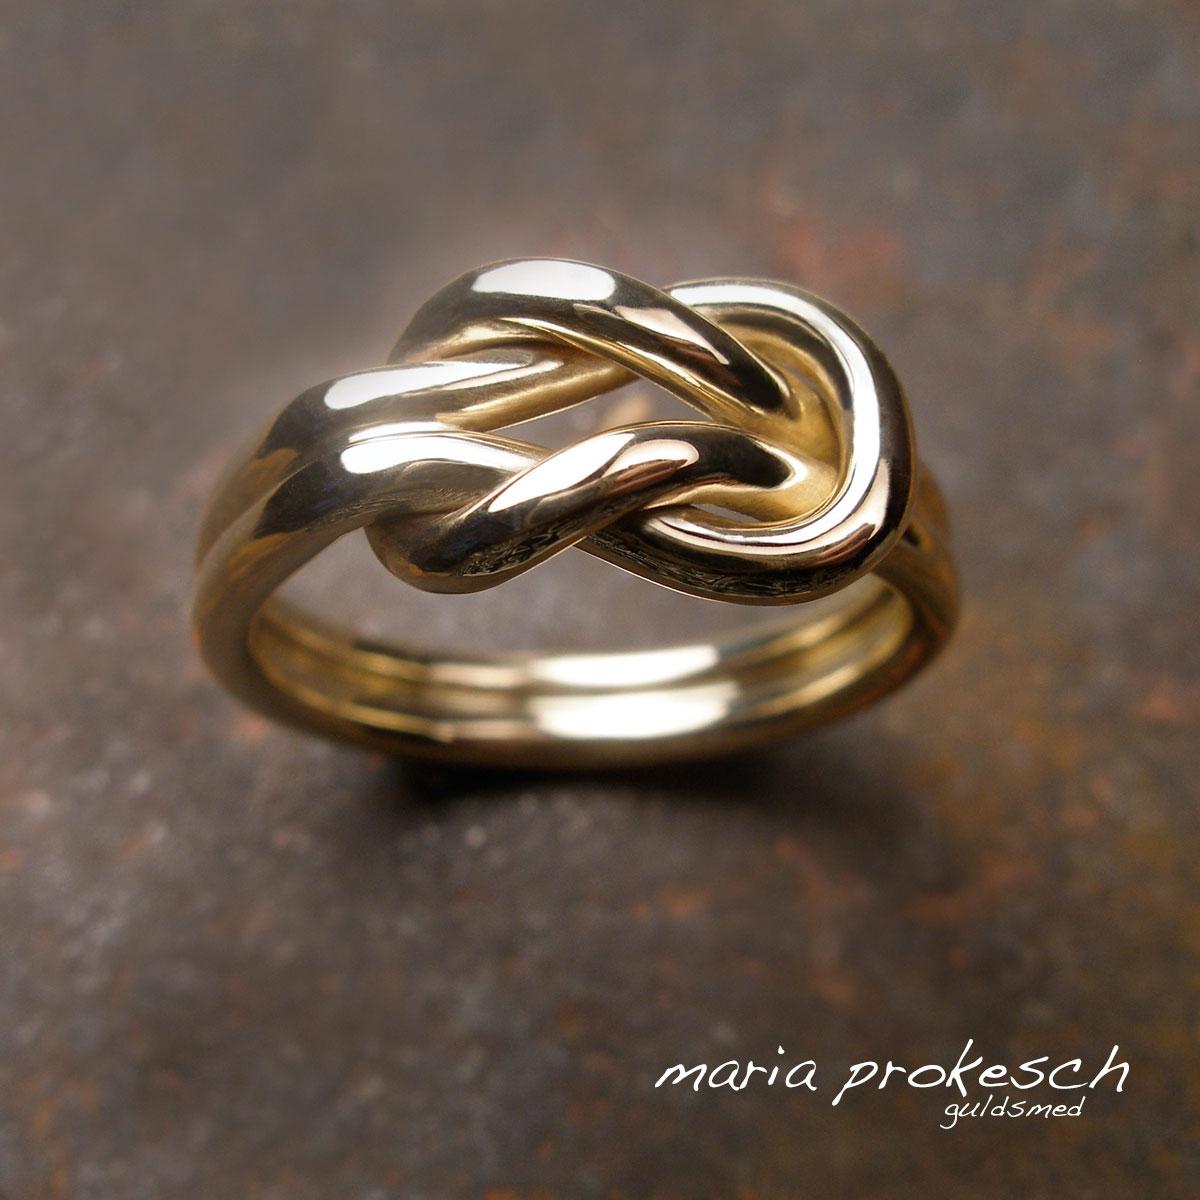 Knob ring i guld, et herresmykke som er maskulint med en knude i guldtråde. Håndlavet af guldsmed Maria Prokesch